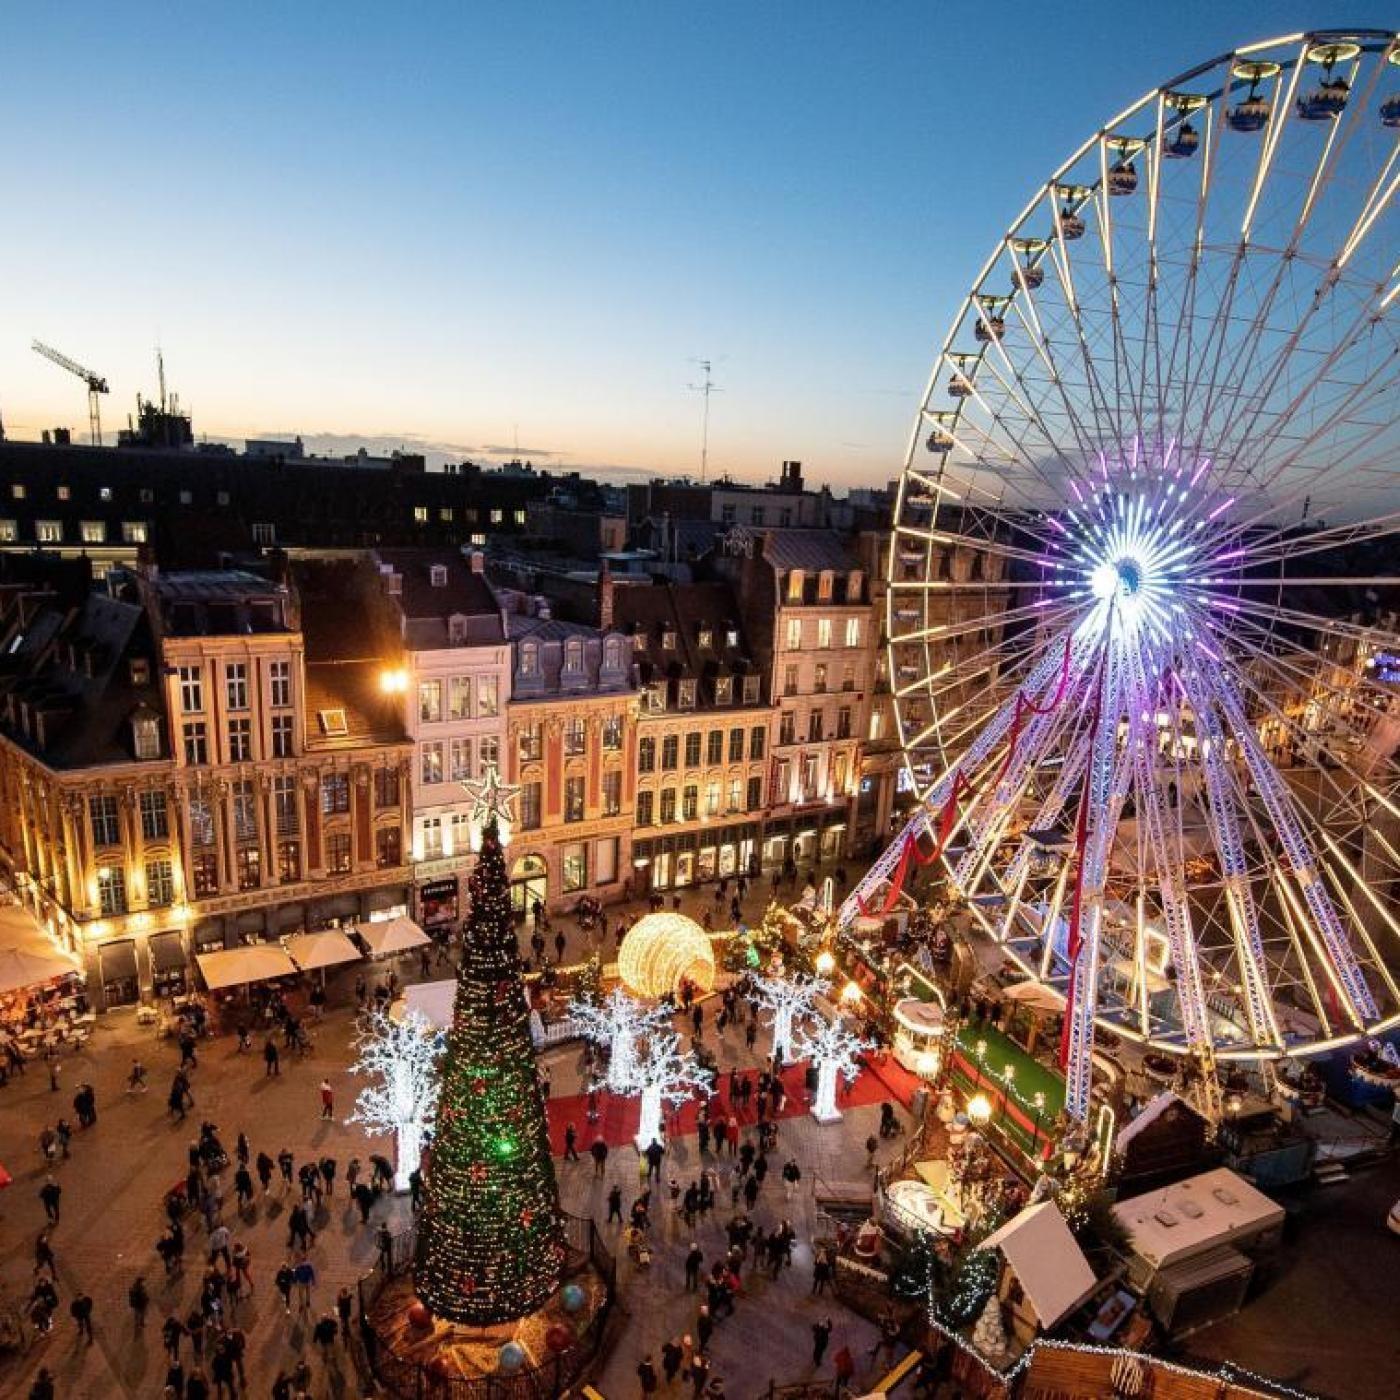 Emmanuel, journaliste La Voix du Nord : la Grande Roue de Noël vide... - Mercredi 2 décembre 2020